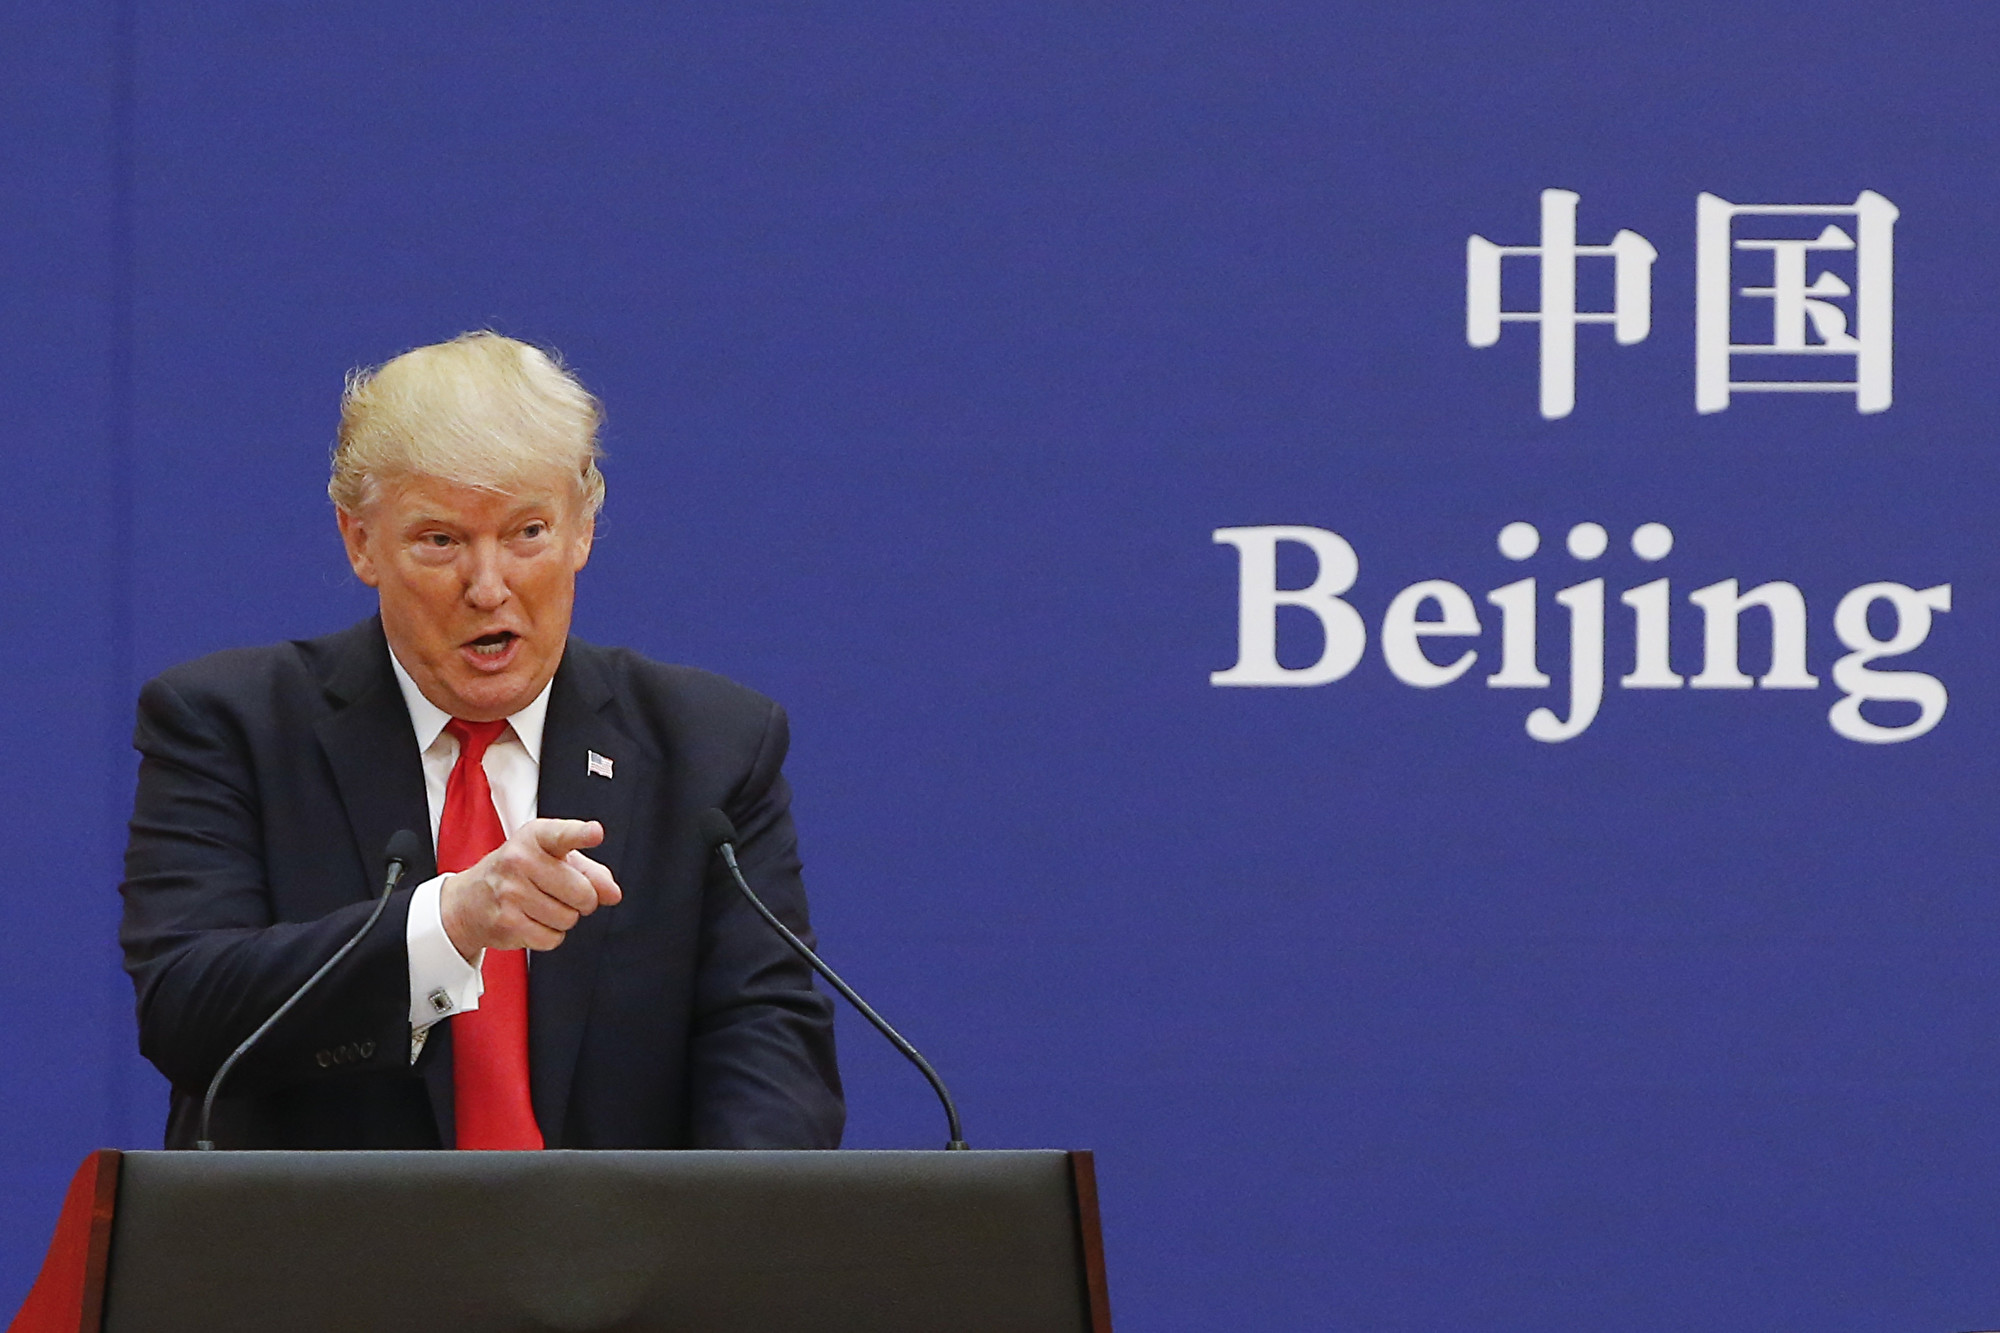 第一階段協議對美有利 證明特朗普外交策略正確